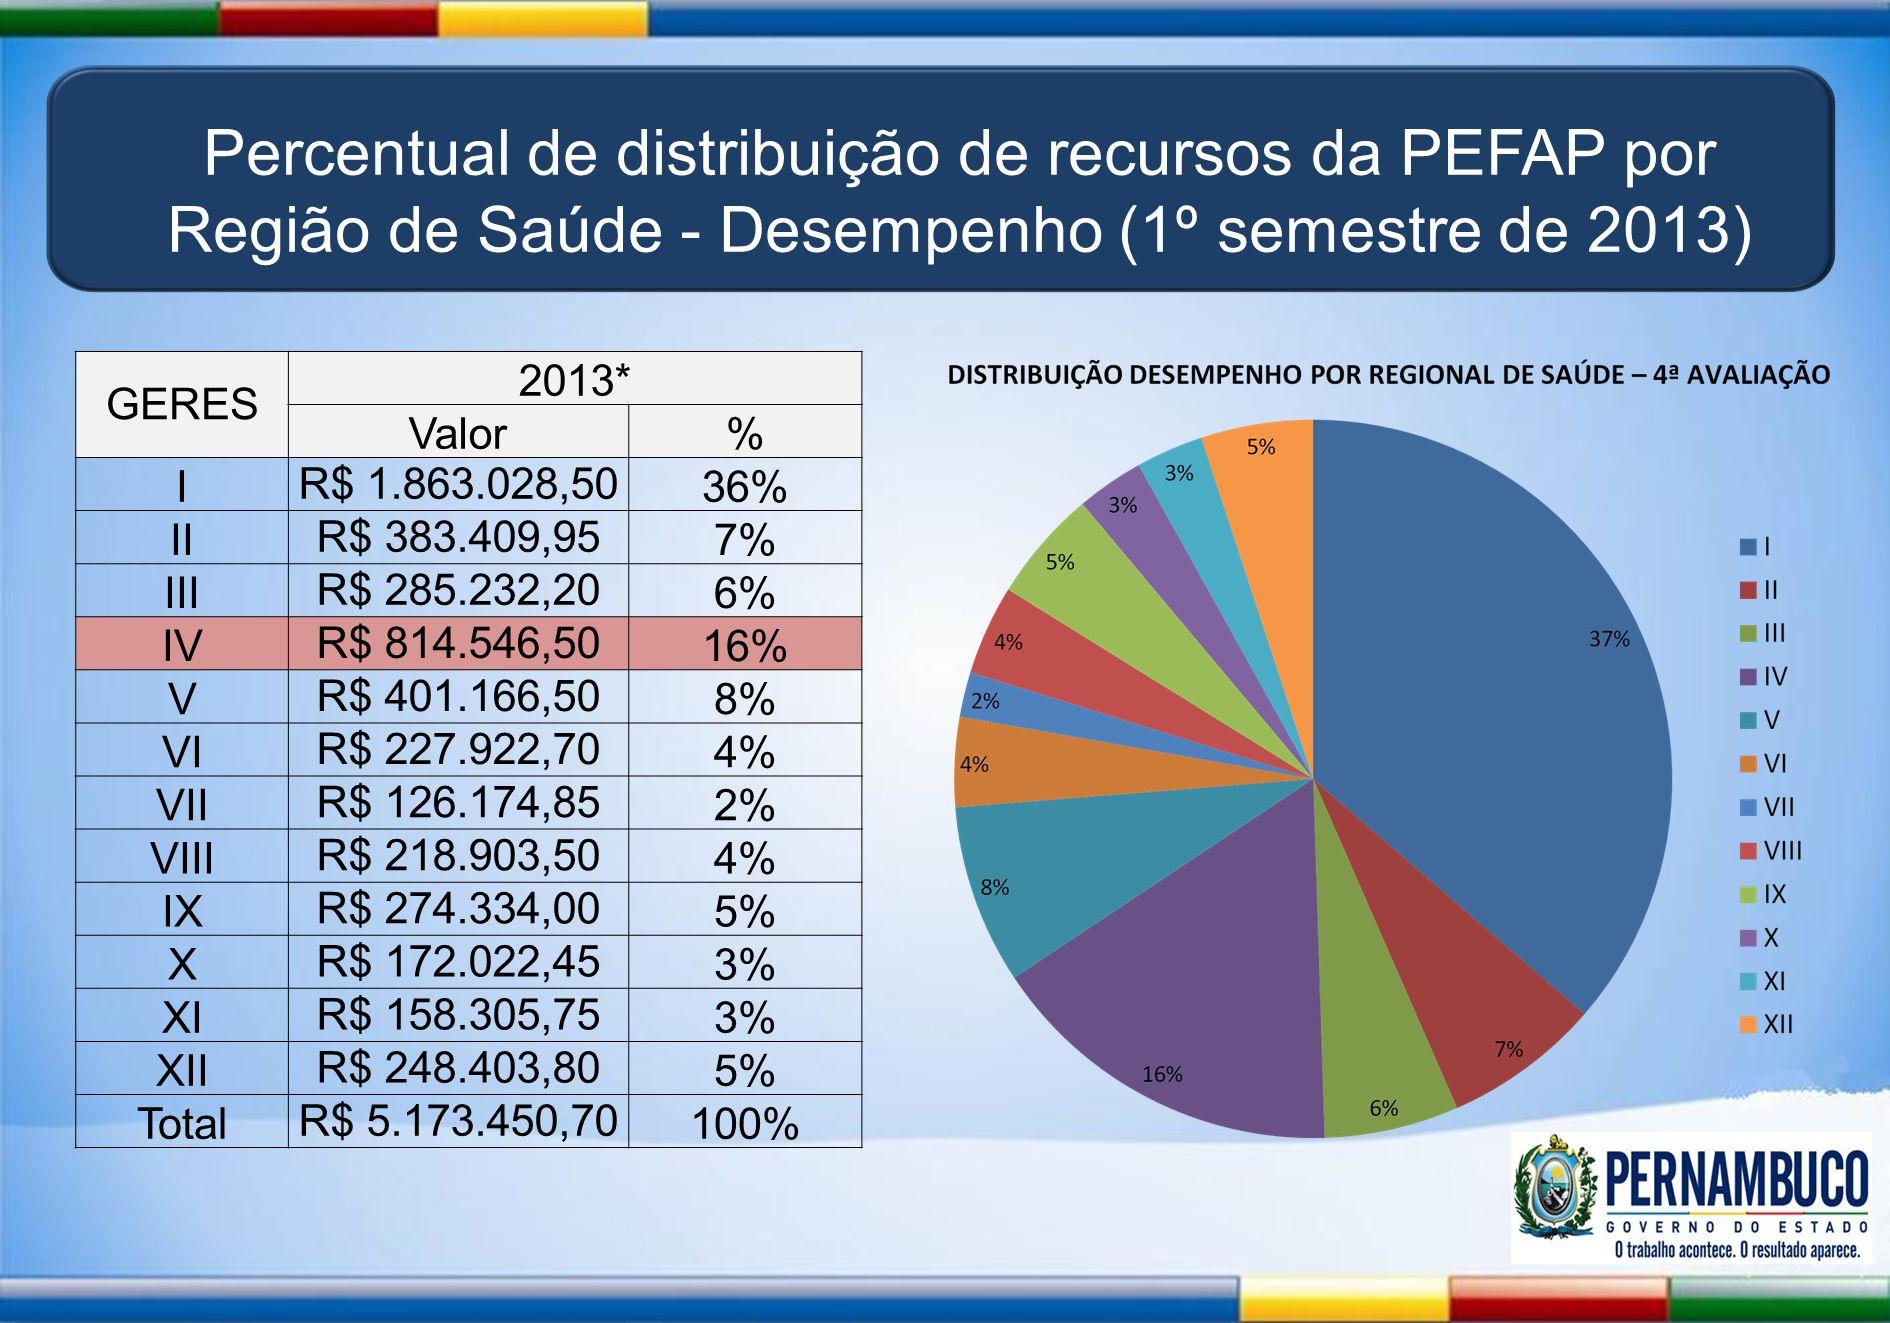 Percentual de distribuição de recursos da PEFAP por Região de Saúde - Desempenho (1º semestre de 2013) GERES 2013* Valor% I R$ 1.863.028,50 36% II R$ 383.409,95 7% III R$ 285.232,20 6% IV R$ 814.546,50 16% V R$ 401.166,50 8% VI R$ 227.922,70 4% VII R$ 126.174,85 2% VIII R$ 218.903,50 4% IX R$ 274.334,00 5% X R$ 172.022,45 3% XI R$ 158.305,75 3% XII R$ 248.403,80 5% Total R$ 5.173.450,70 100%